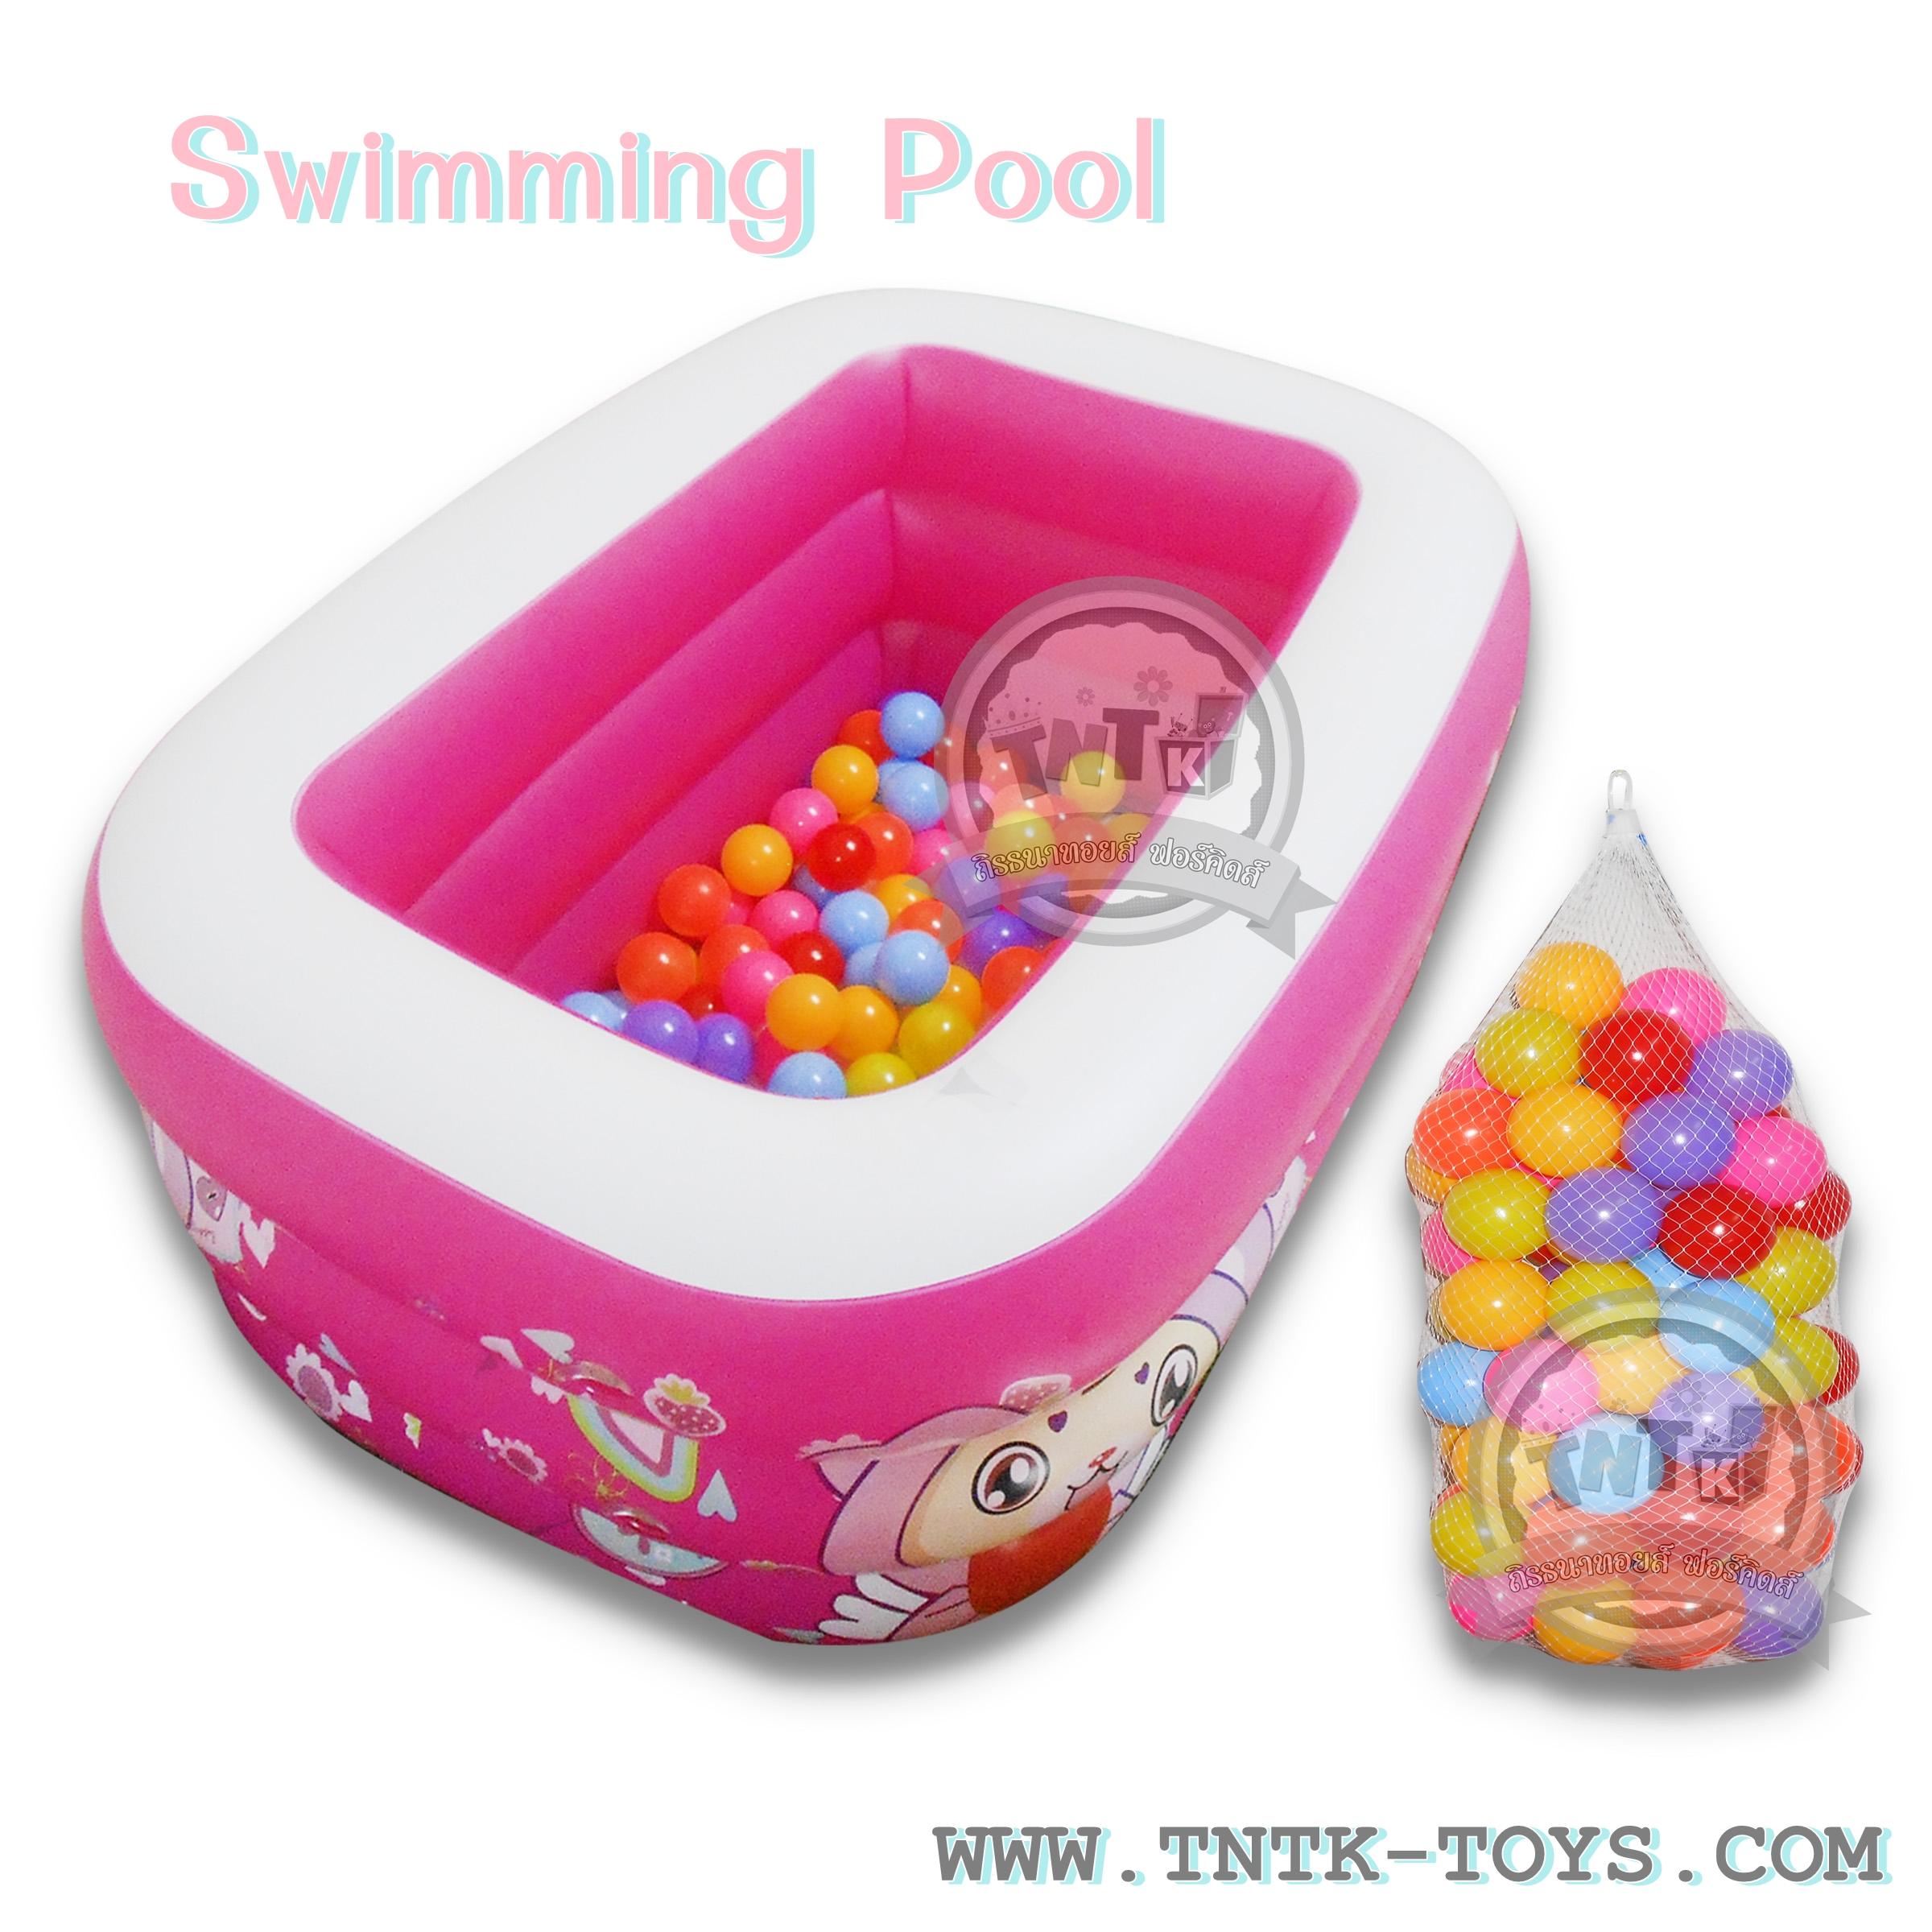 สระน้ำ ขนาด 130x90x50cm. จัดเซ็ท ลูกบอลสีสดใส 100 ลูก